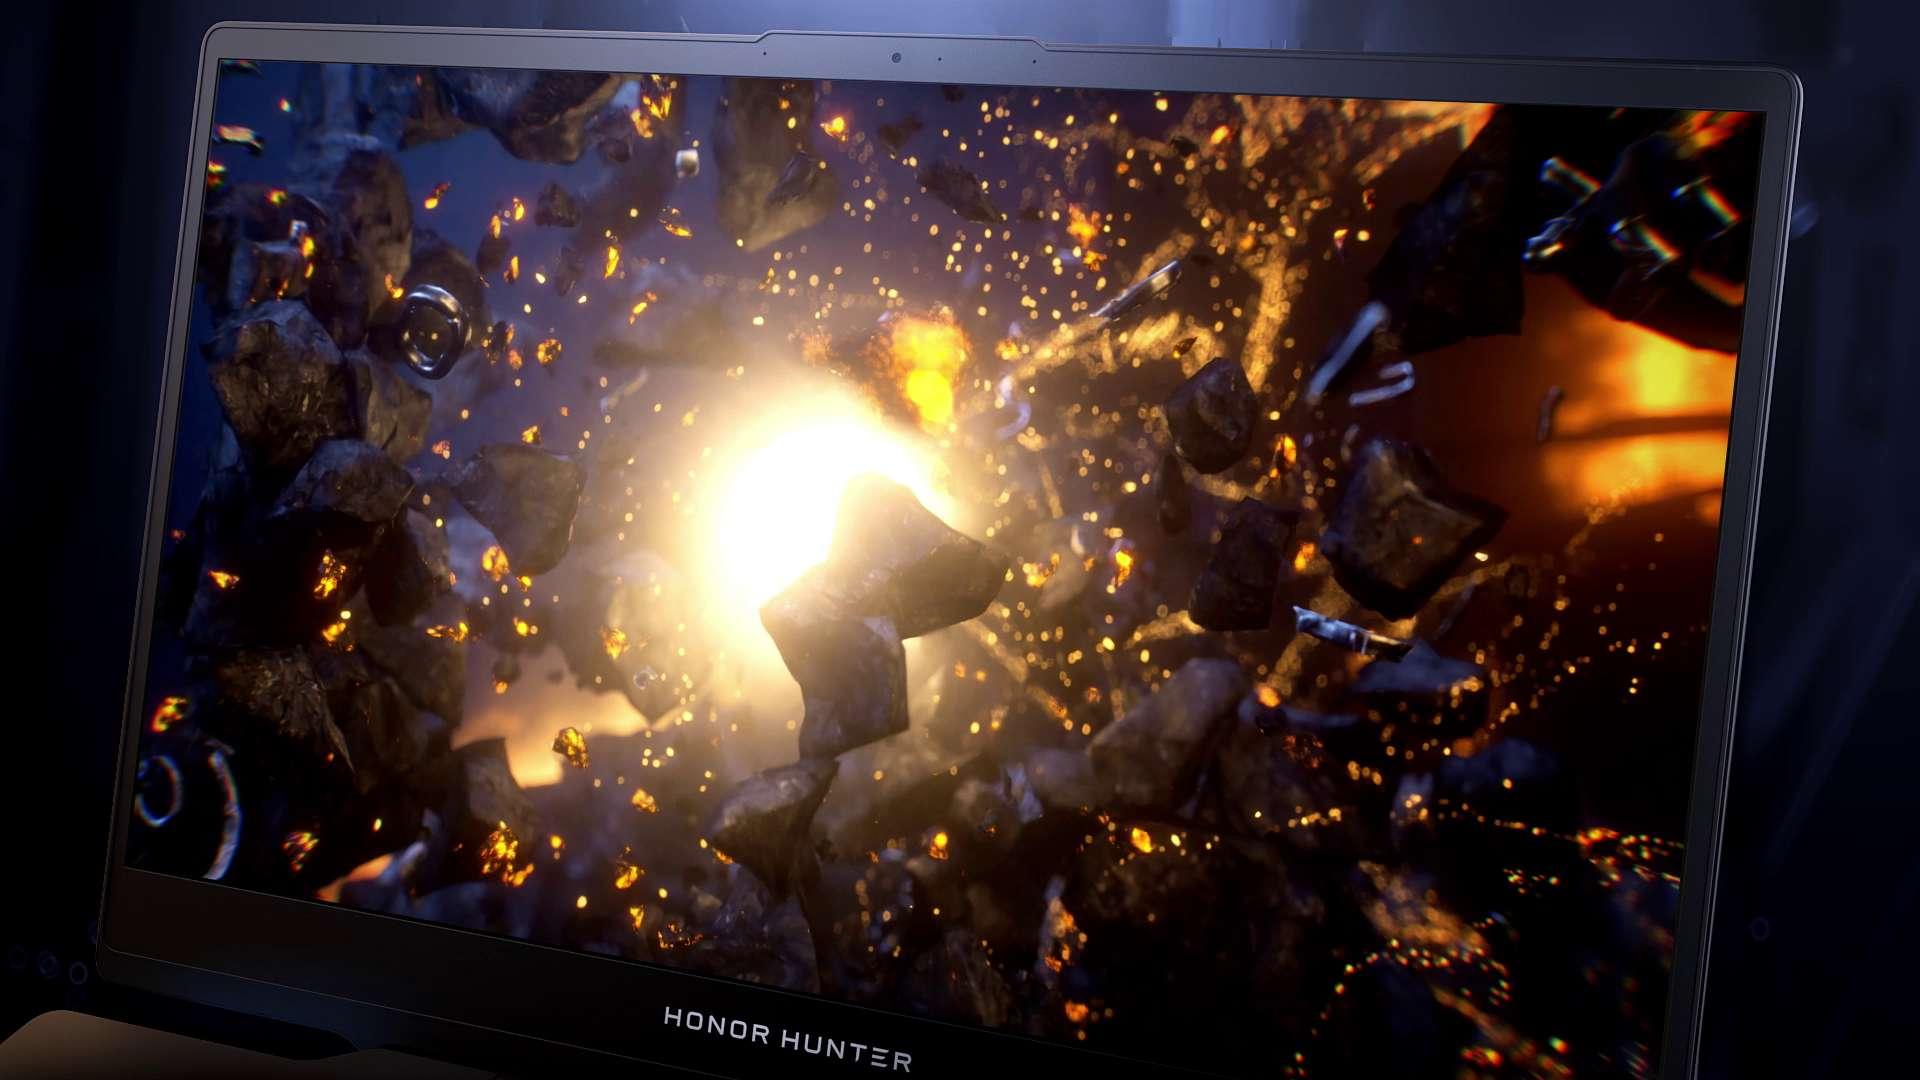 战斗就此改变!一支视频解锁荣耀猎人游戏本V700的超酷体验!,荣耀猎人游戏本系列-花粉俱乐部